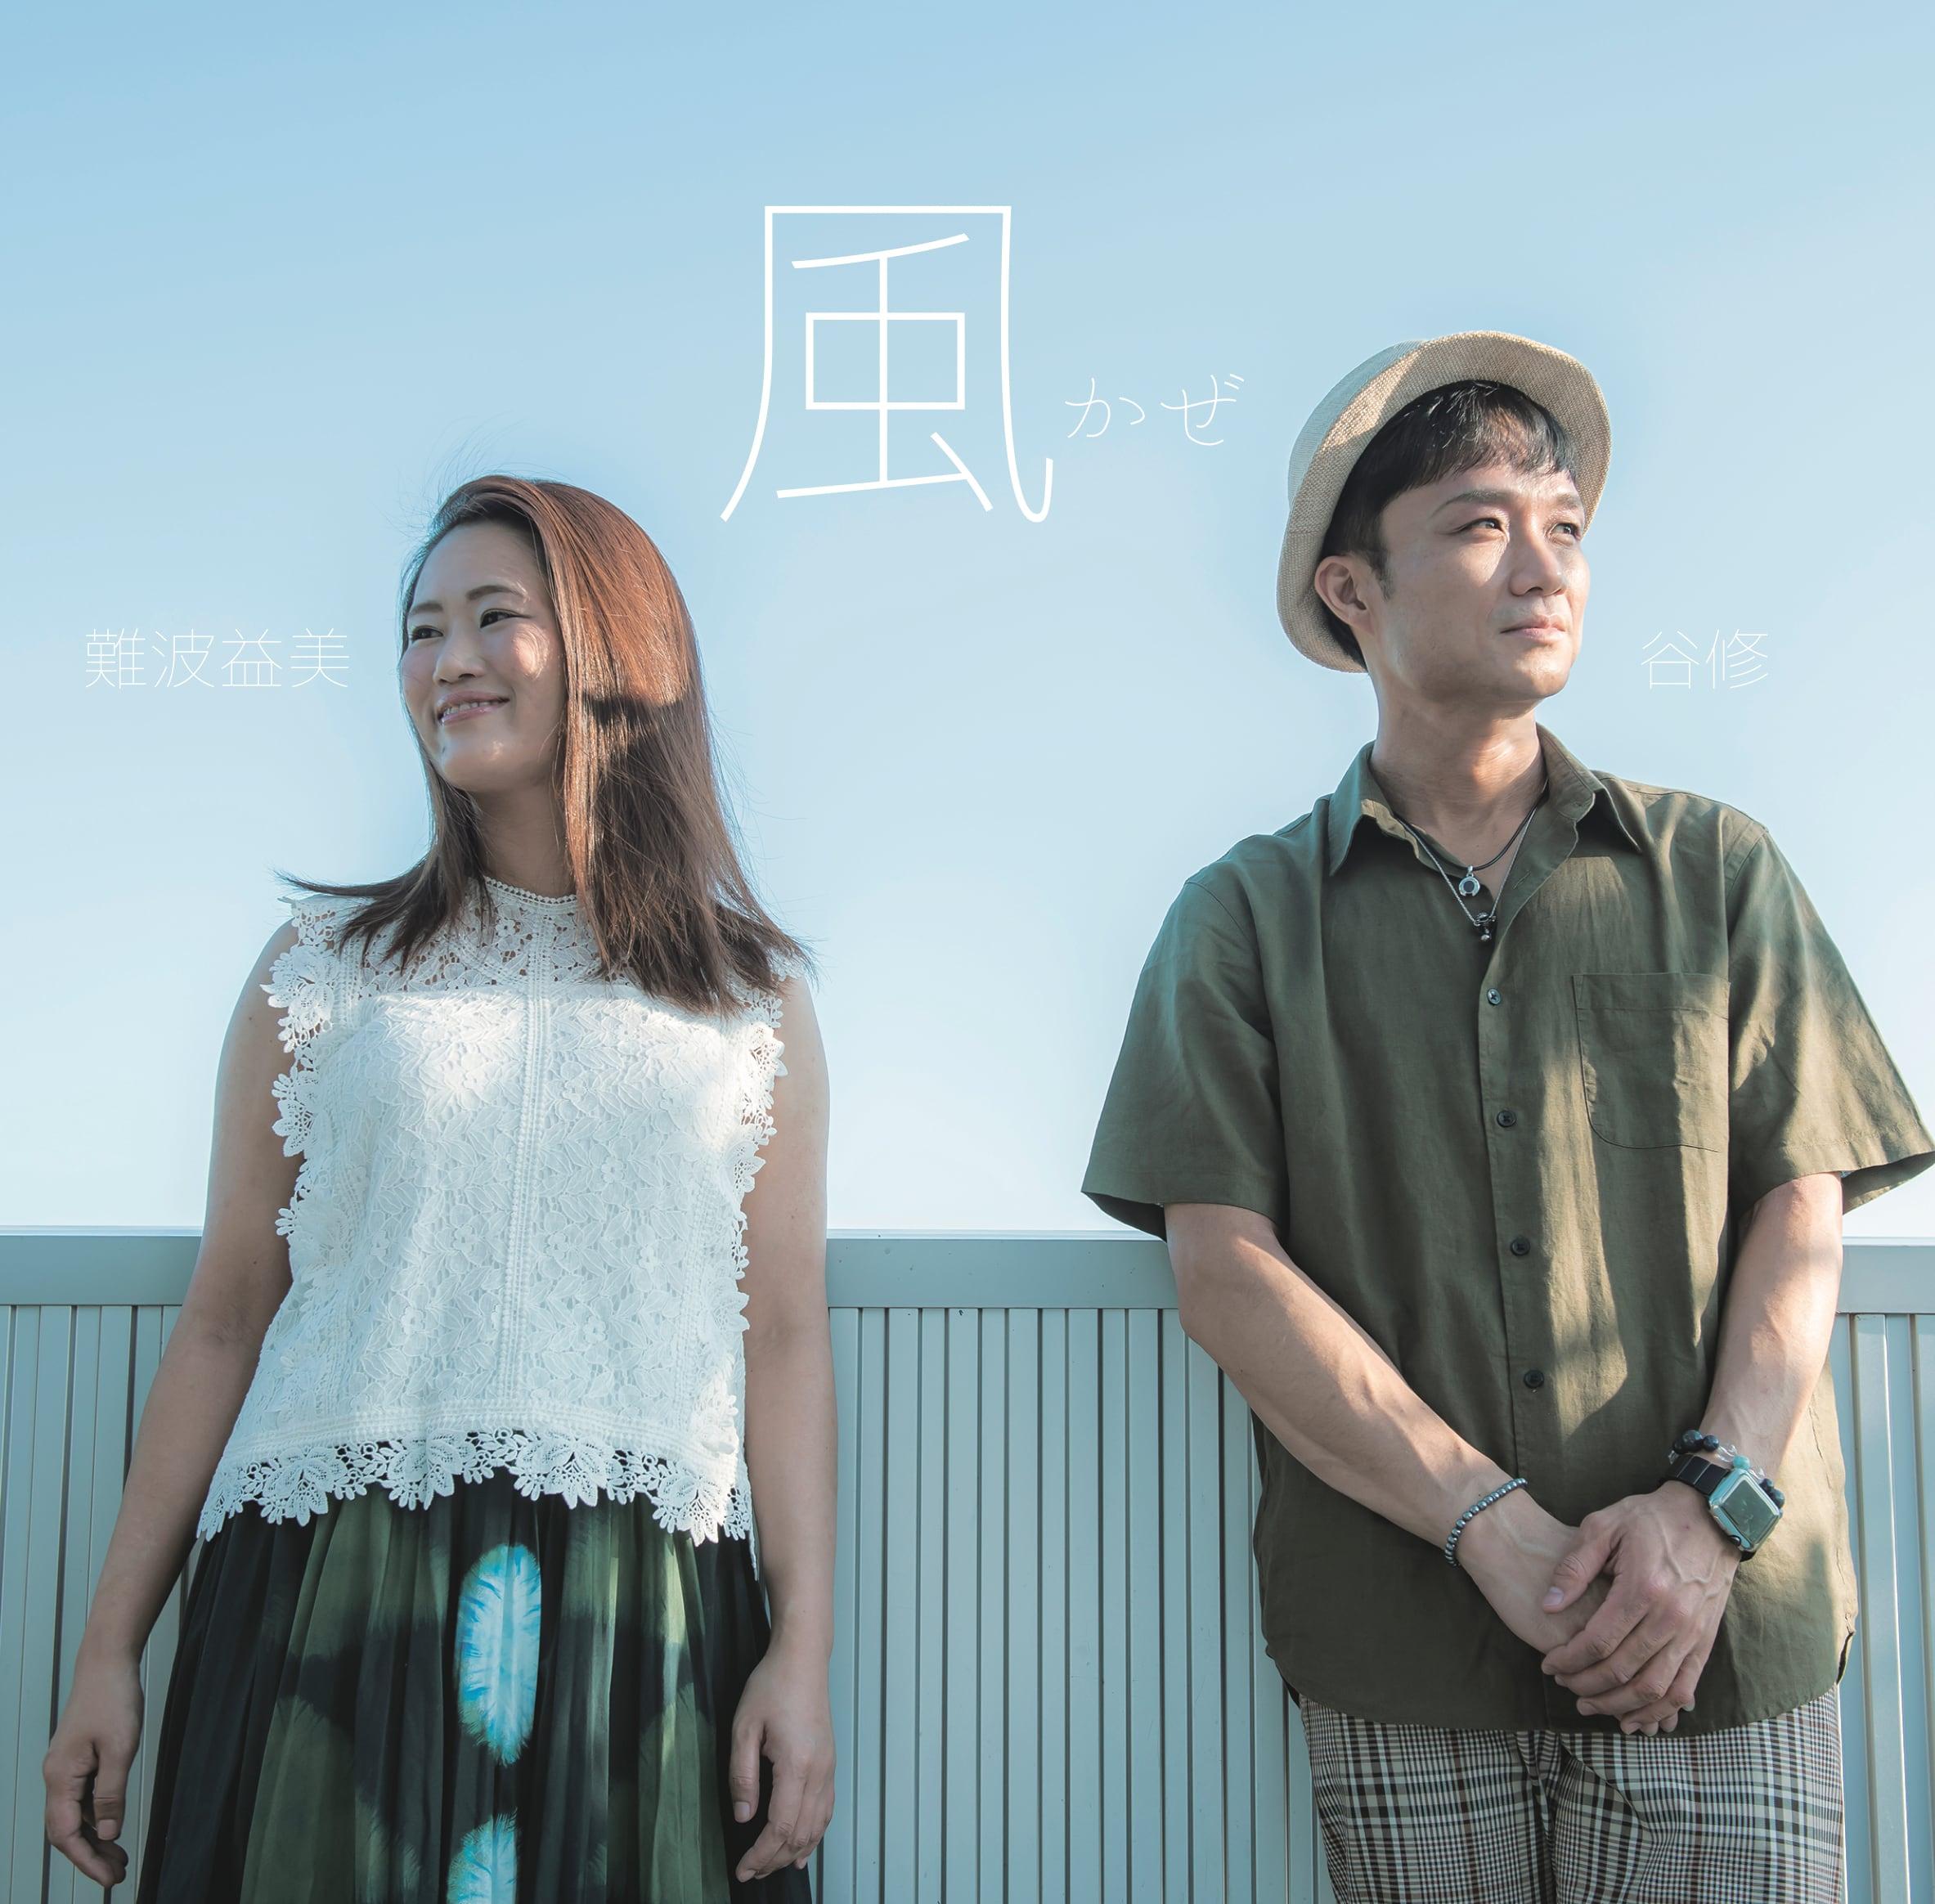 谷修・難波益美 共作アルバム「風」